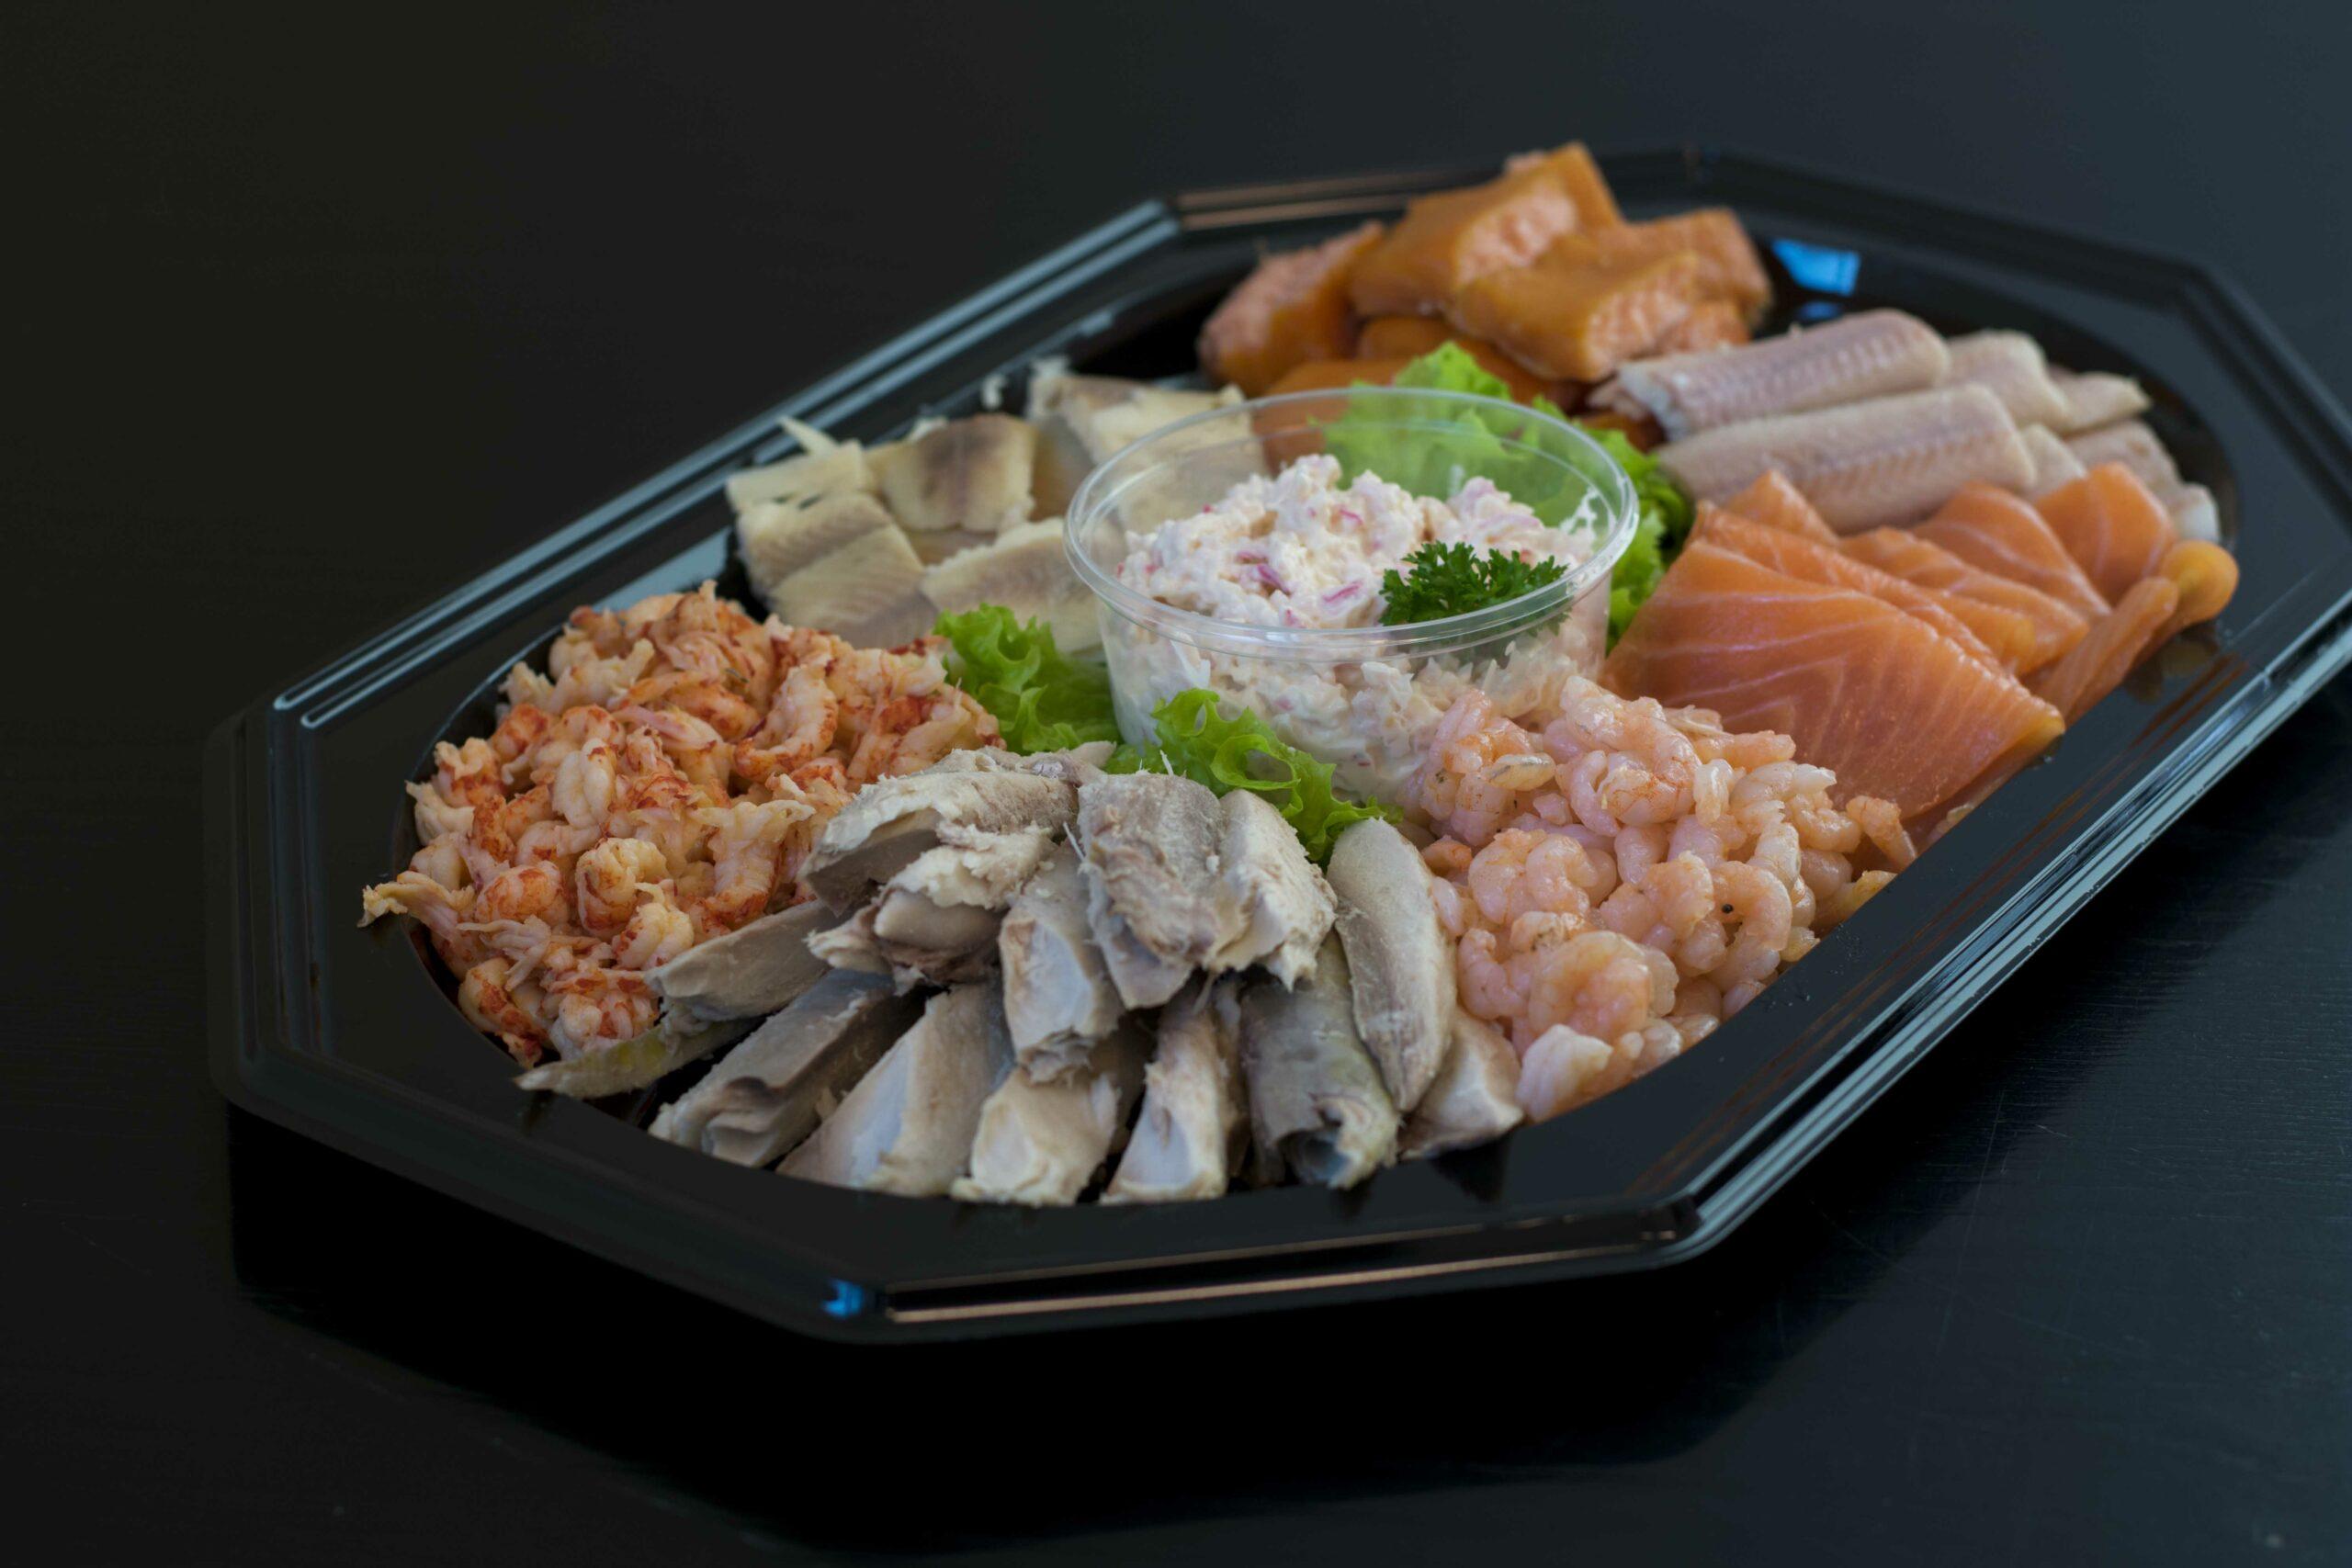 Visaanhuisbezorgd grote sushi schaal